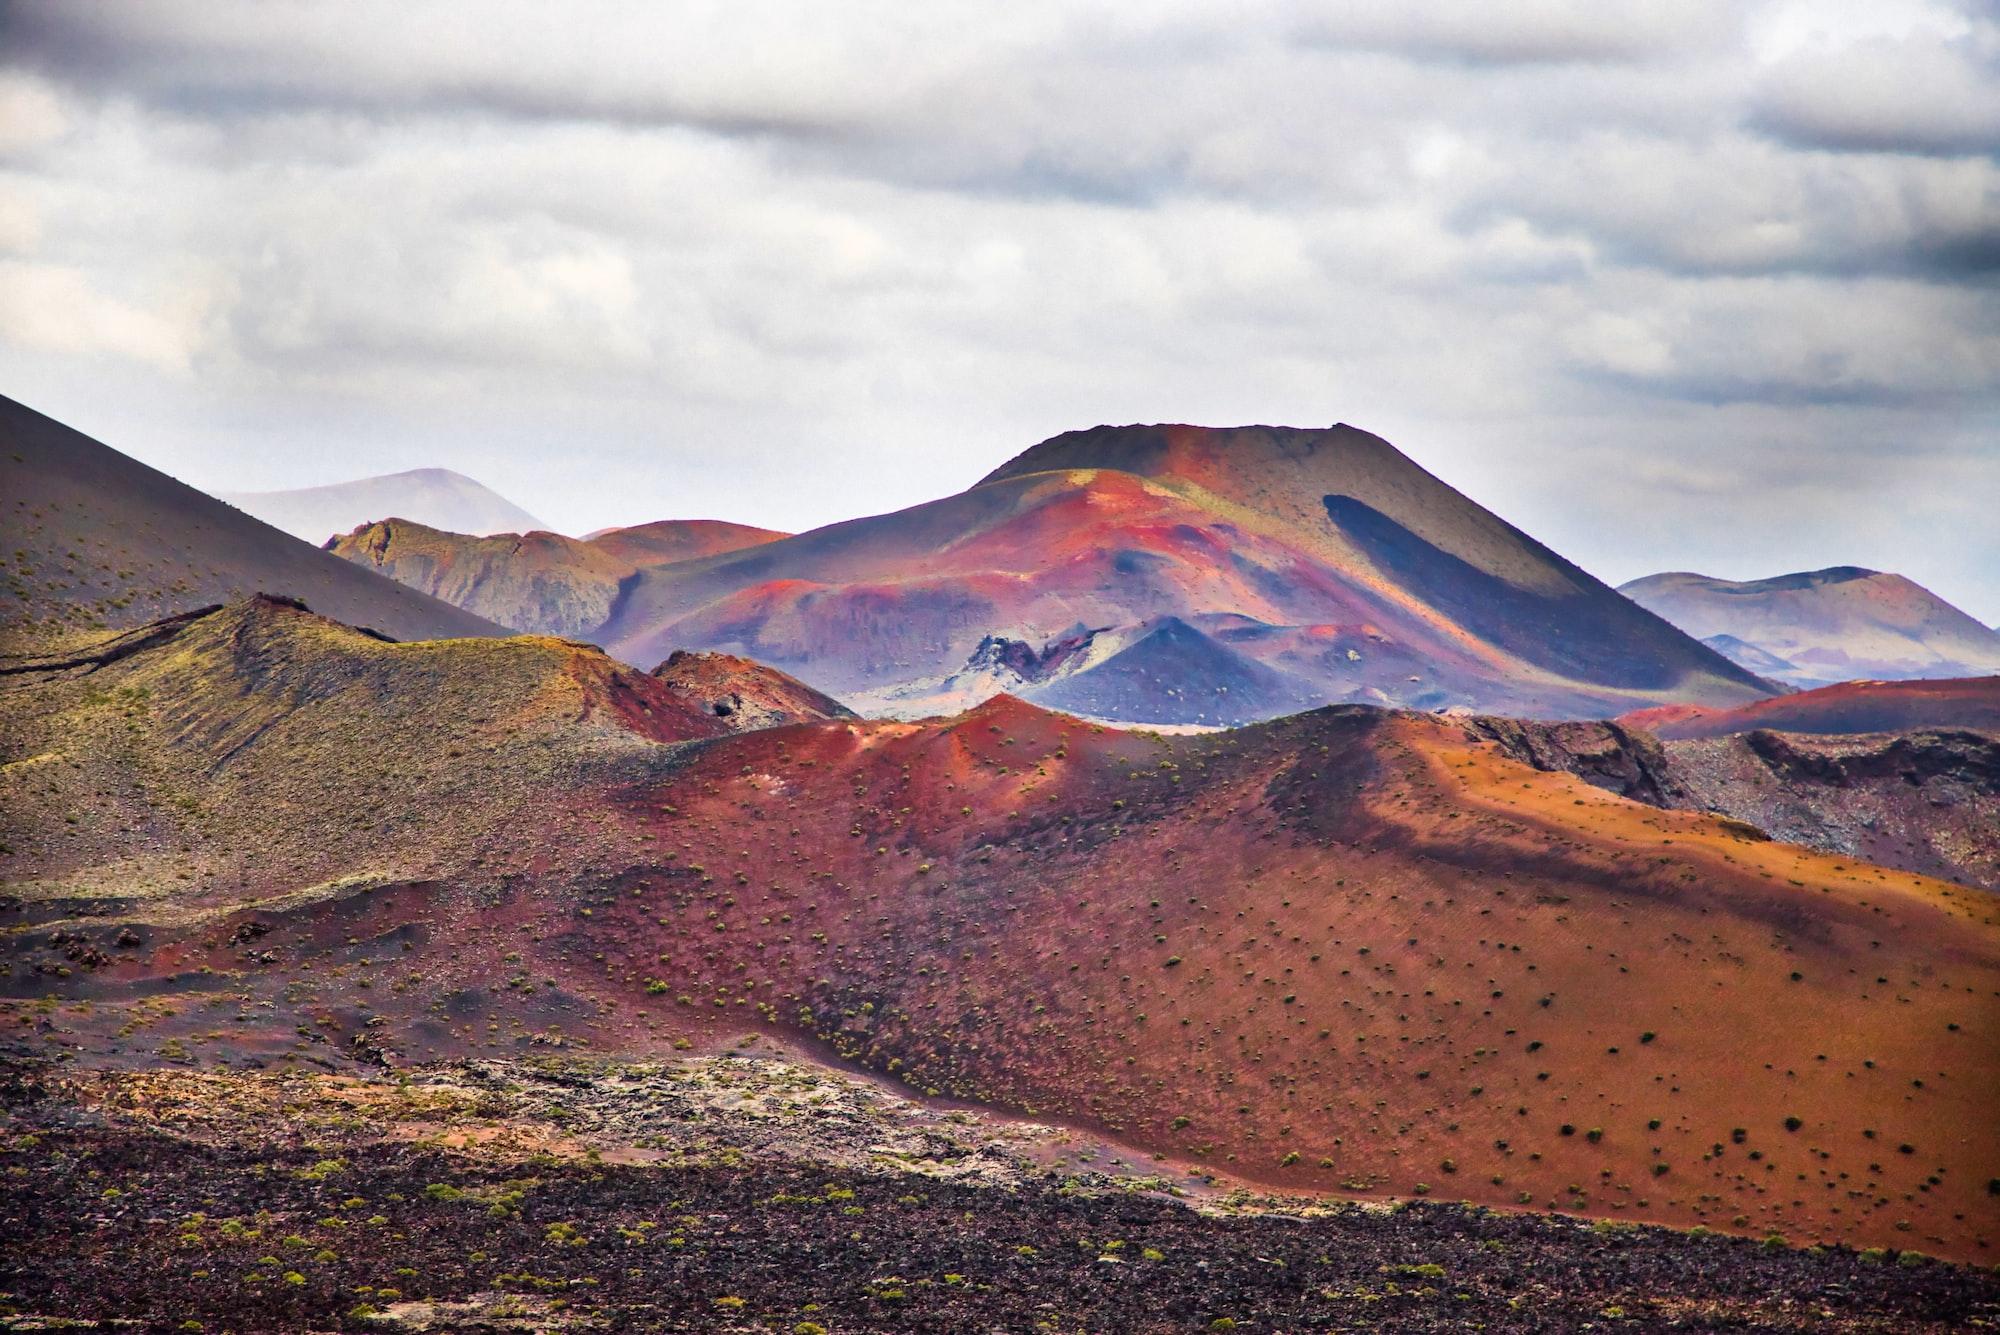 Guía de viaje a Lanzarote - 7 días